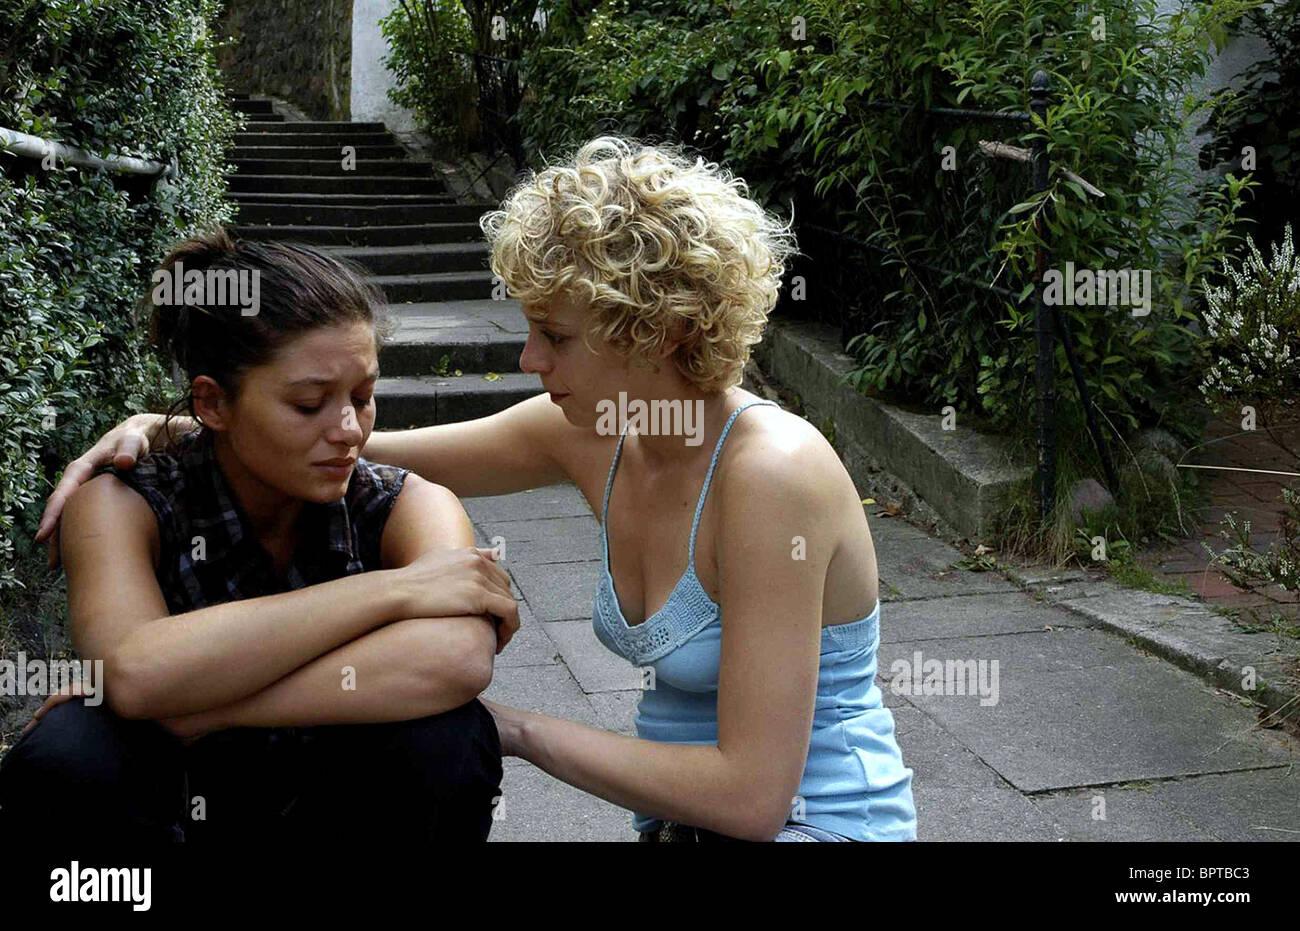 dejtingappar gratis lesbisk film